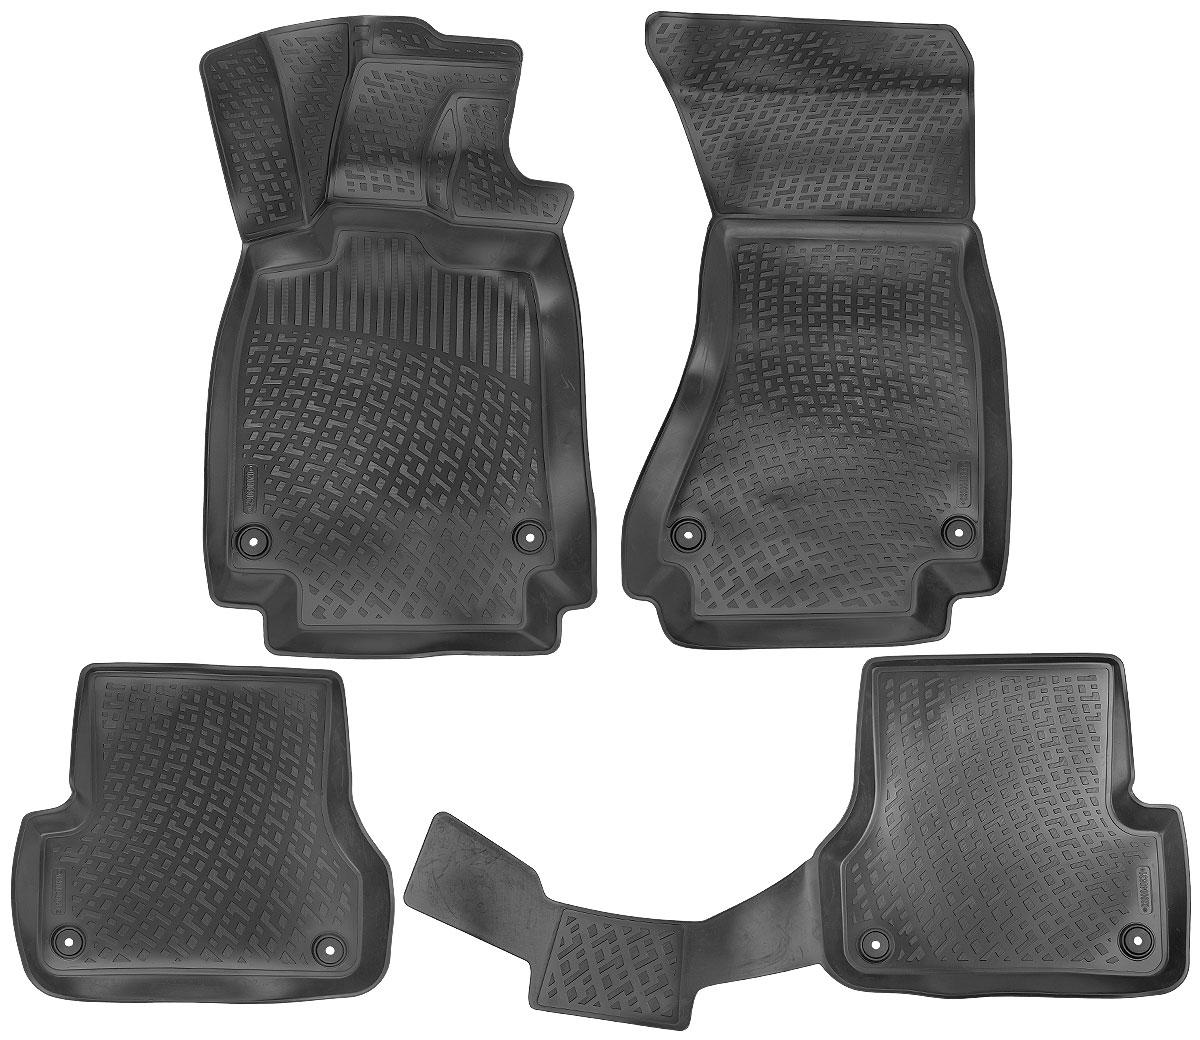 Набор автомобильных ковриков L.Locker Audi A6 IV 2014-Ветерок 2ГФНабор L.Locker Audi A6 IV 2014-, изготовленный из полиуретана, состоит из 4 антискользящих ковриков, которые производятся индивидуально для каждой модели автомобиля. Изделие точно повторяет геометрию пола автомобиля, имеет высокий борт, обладает повышенной износоустойчивостью, лишено резкого запаха и сохраняет свои потребительские свойства в широком диапазоне температур от -50°С до +50°С.Комплектация: 4 шт.Размер ковриков: 89 см х 56 см; 55 см х 51 см; 109 см х 49 см; 89 см х 57 см.